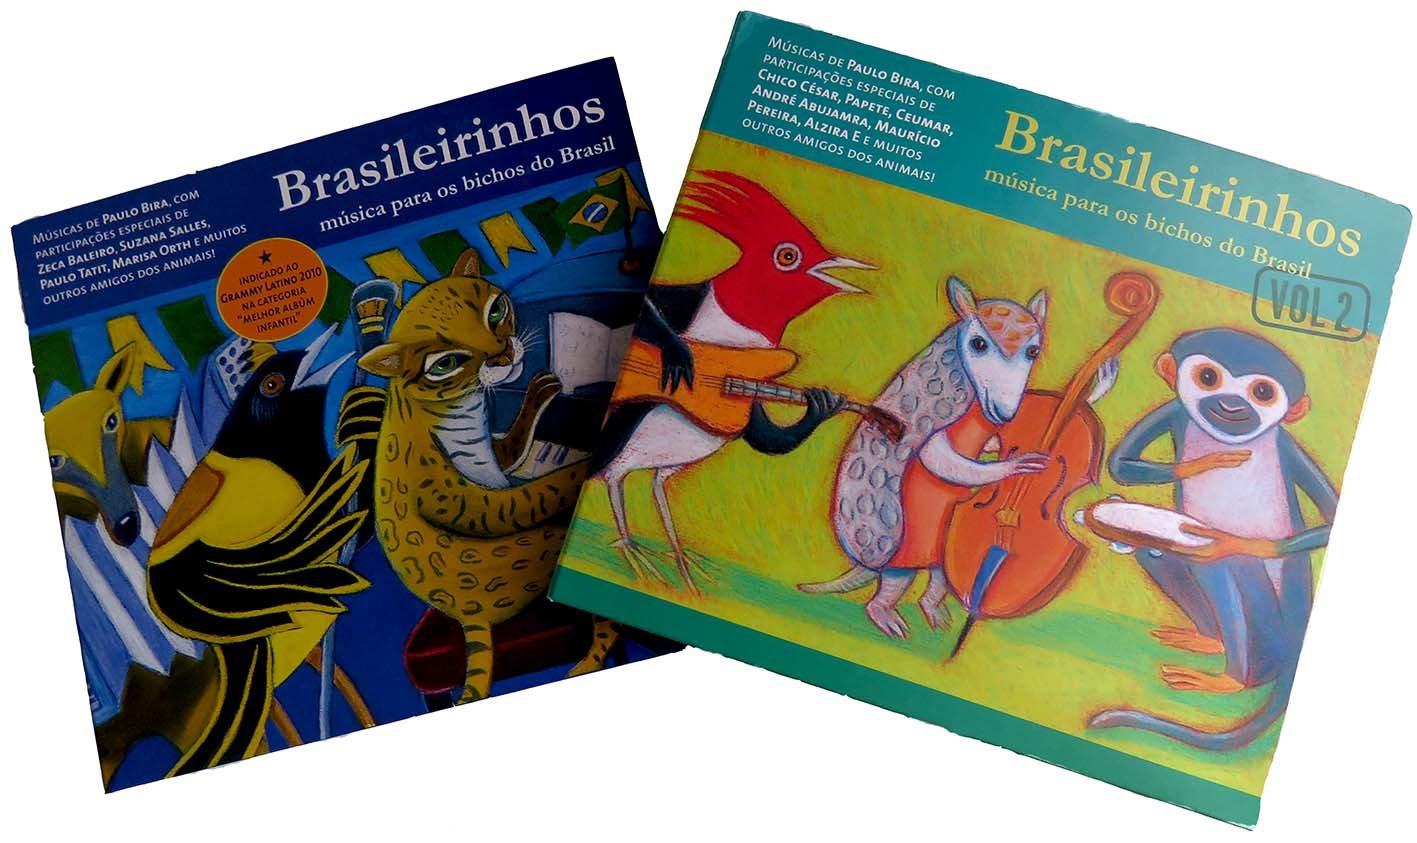 O CD Brasileirinhos apresenta deliciosas músicas inspiradas em animais brasileiros, presente ideal para crianças e adultos, excelente para atividades teatrais e de educação ambiental. Disponível na Maritaca Store.